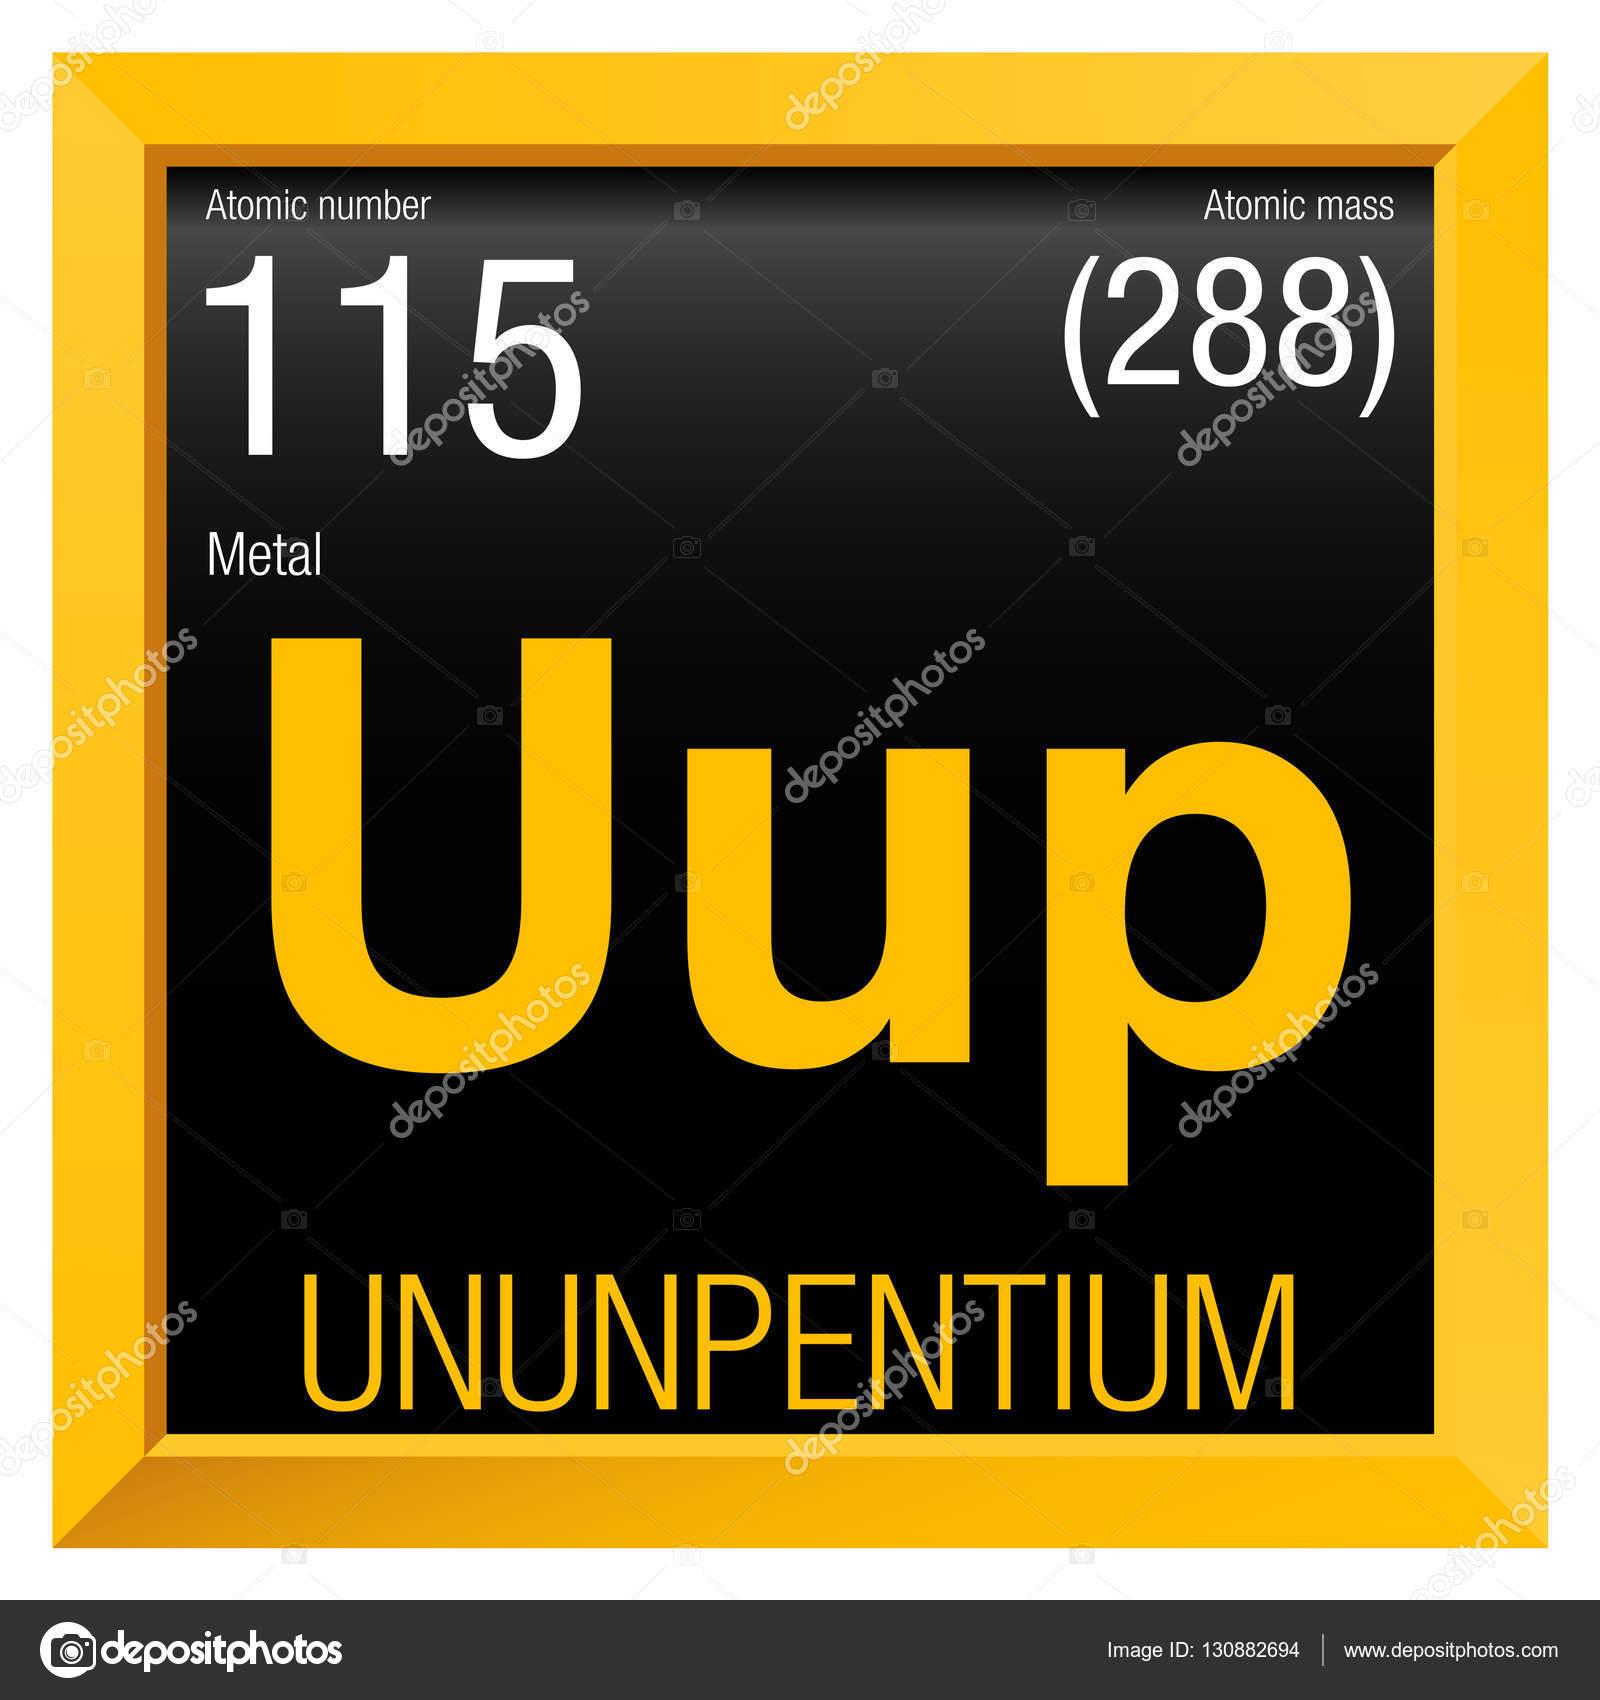 Ununpentium smbolo elemento nmero 115 de la tabla peridica de ununpentium smbolo elemento nmero 115 de la tabla peridica de los elementos qumica urtaz Image collections